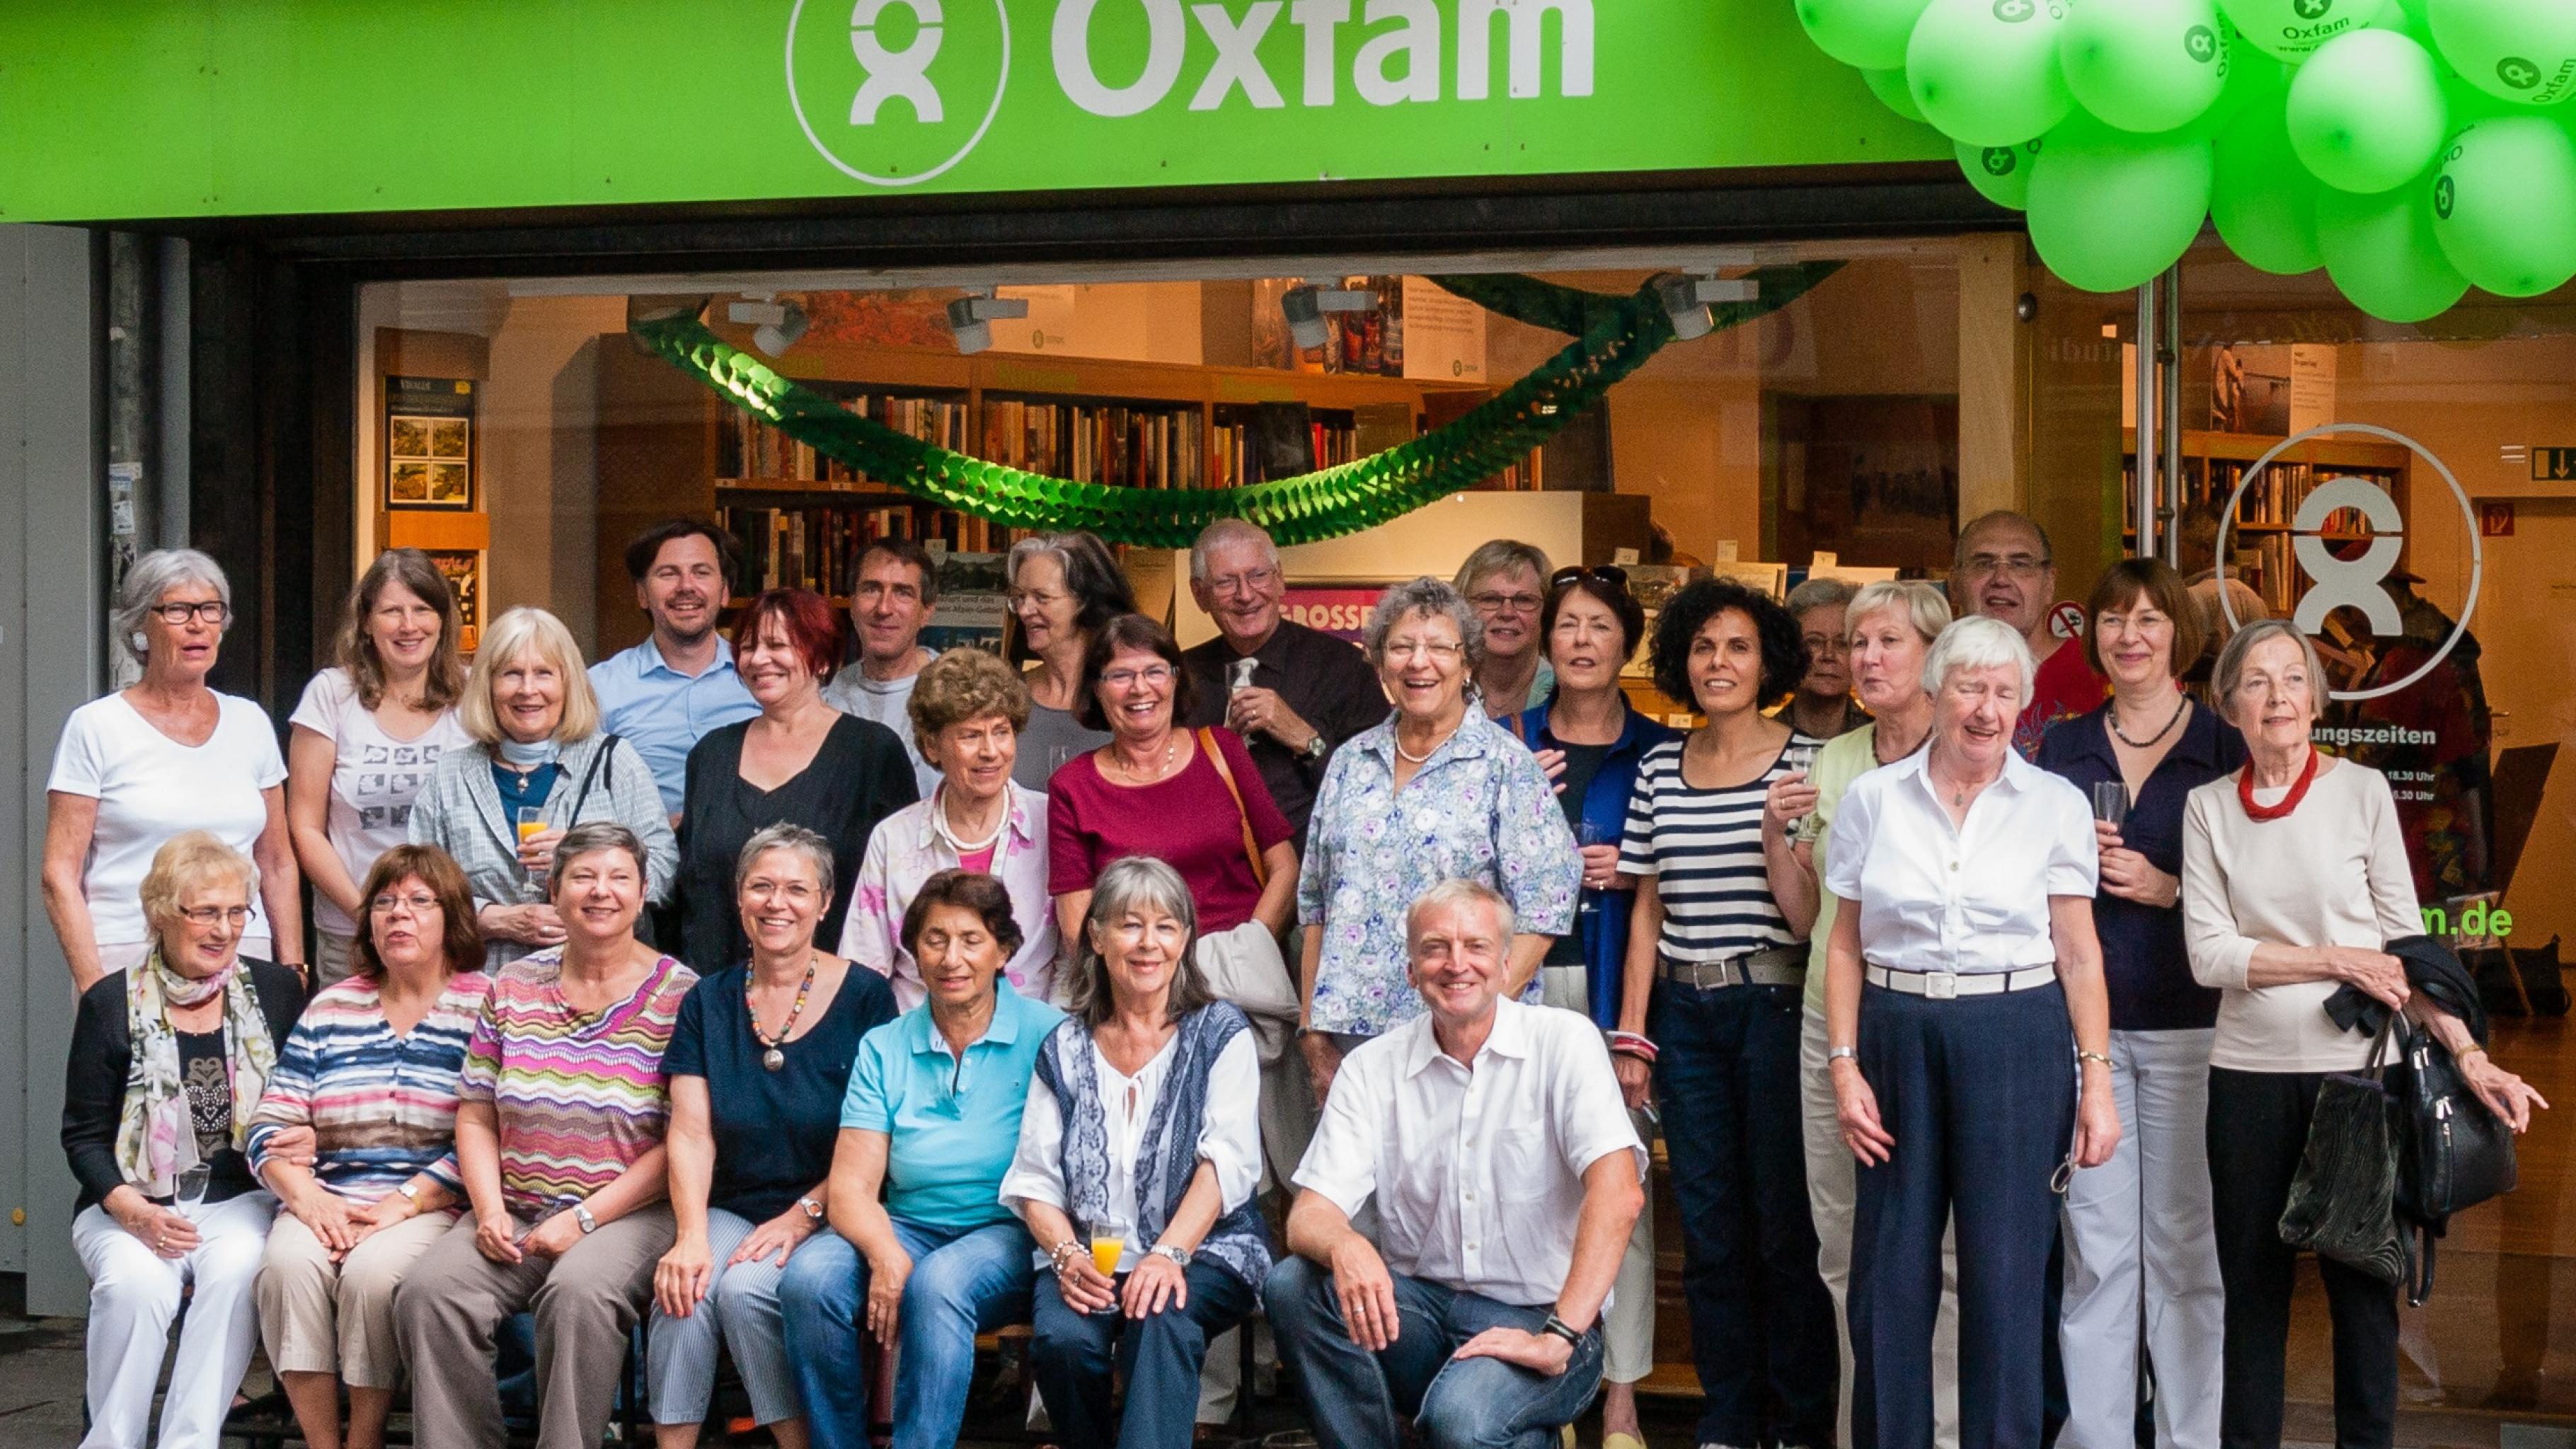 Oxfam Buchshop Frankfurt - Das Team bedankt sich für 15 Jahre Treue